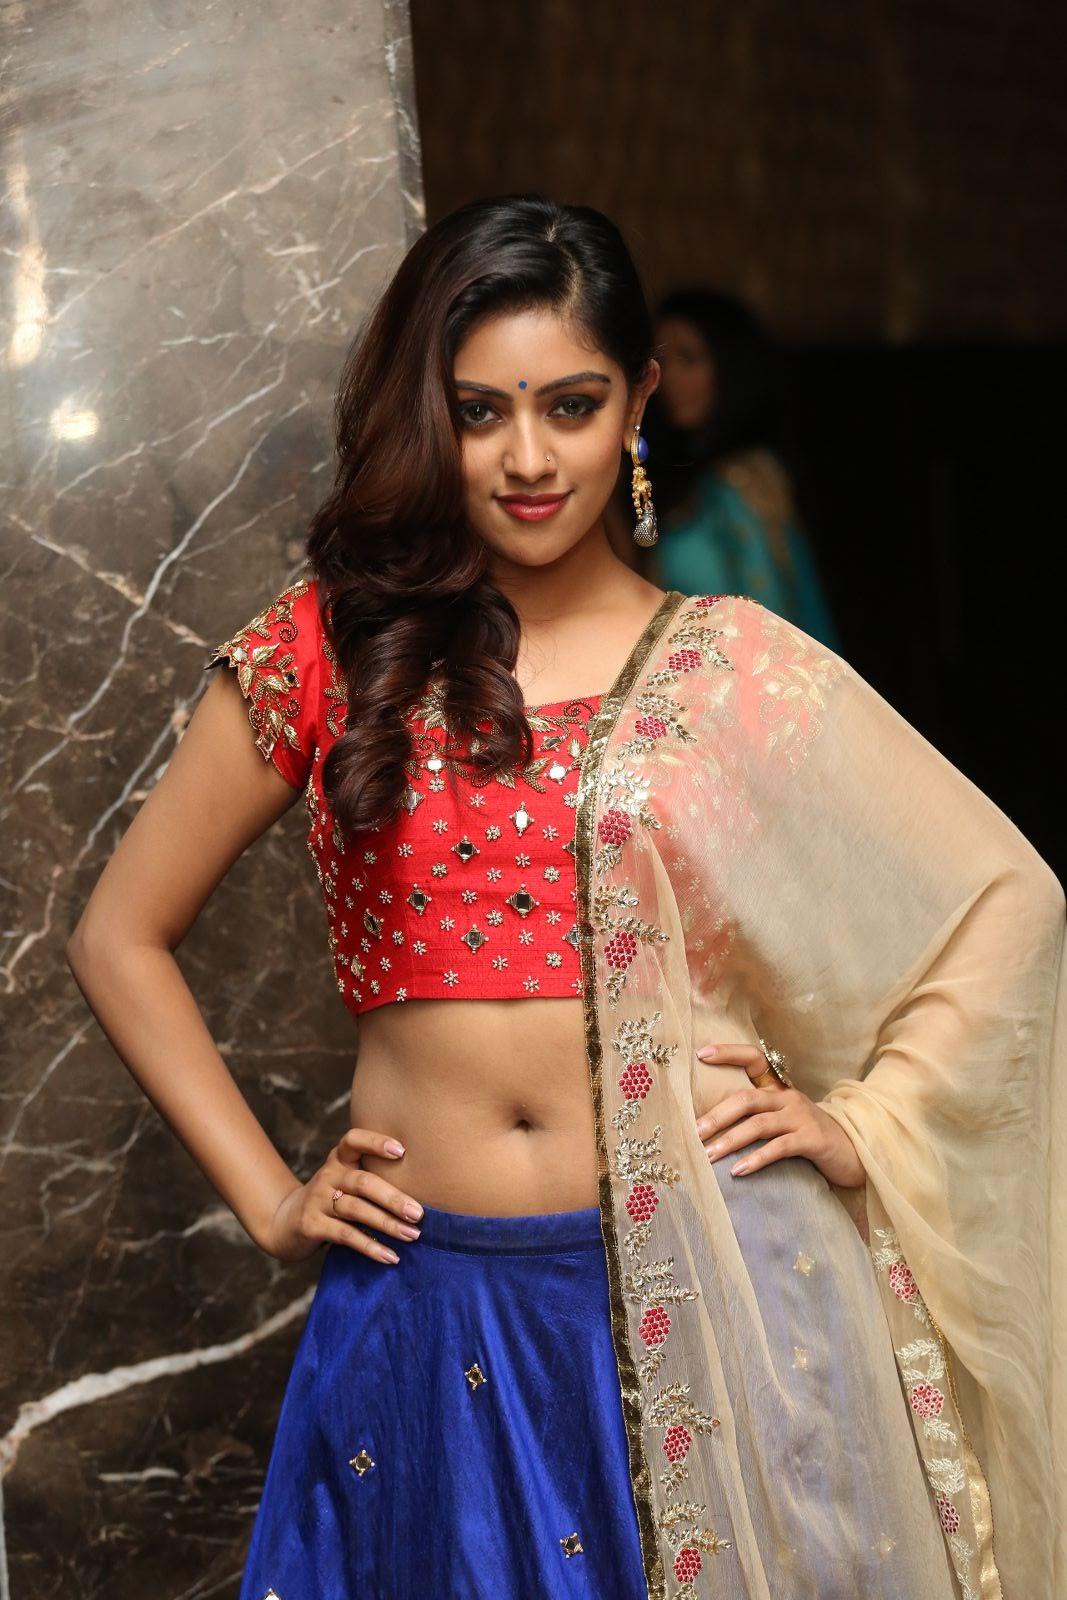 Anu Emmanuel At Majnu Audio Launch - South Indian Actress-4593